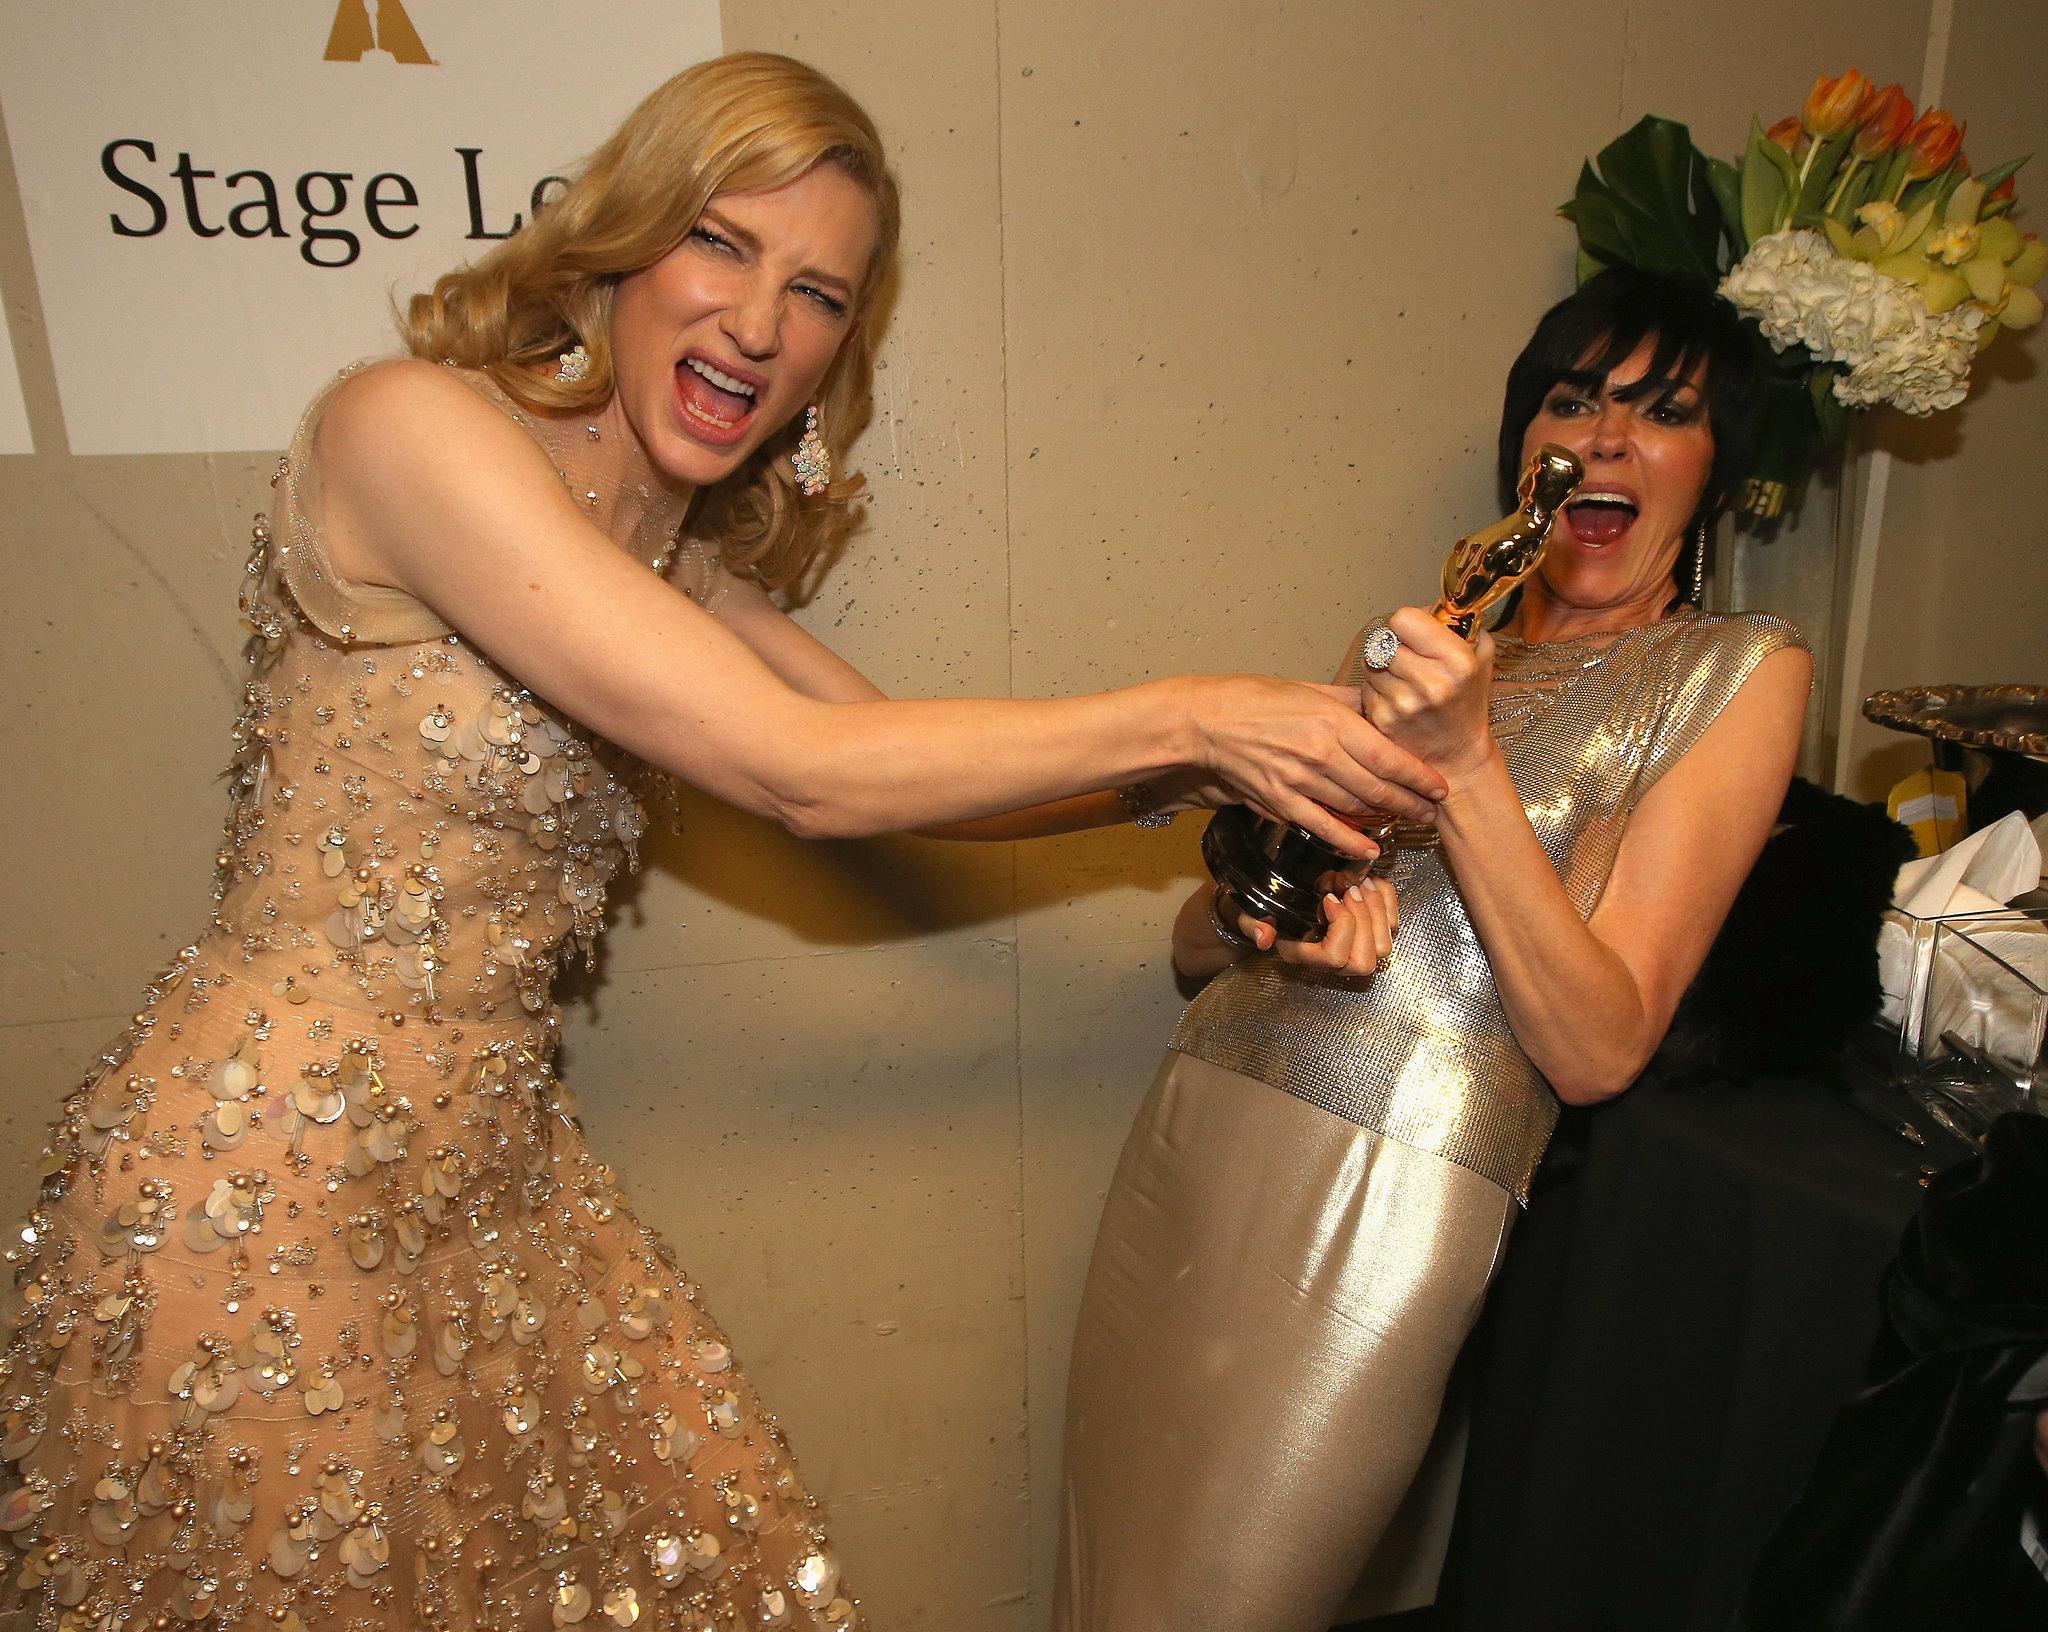 Cate Blanchett joked around with her gold statue.